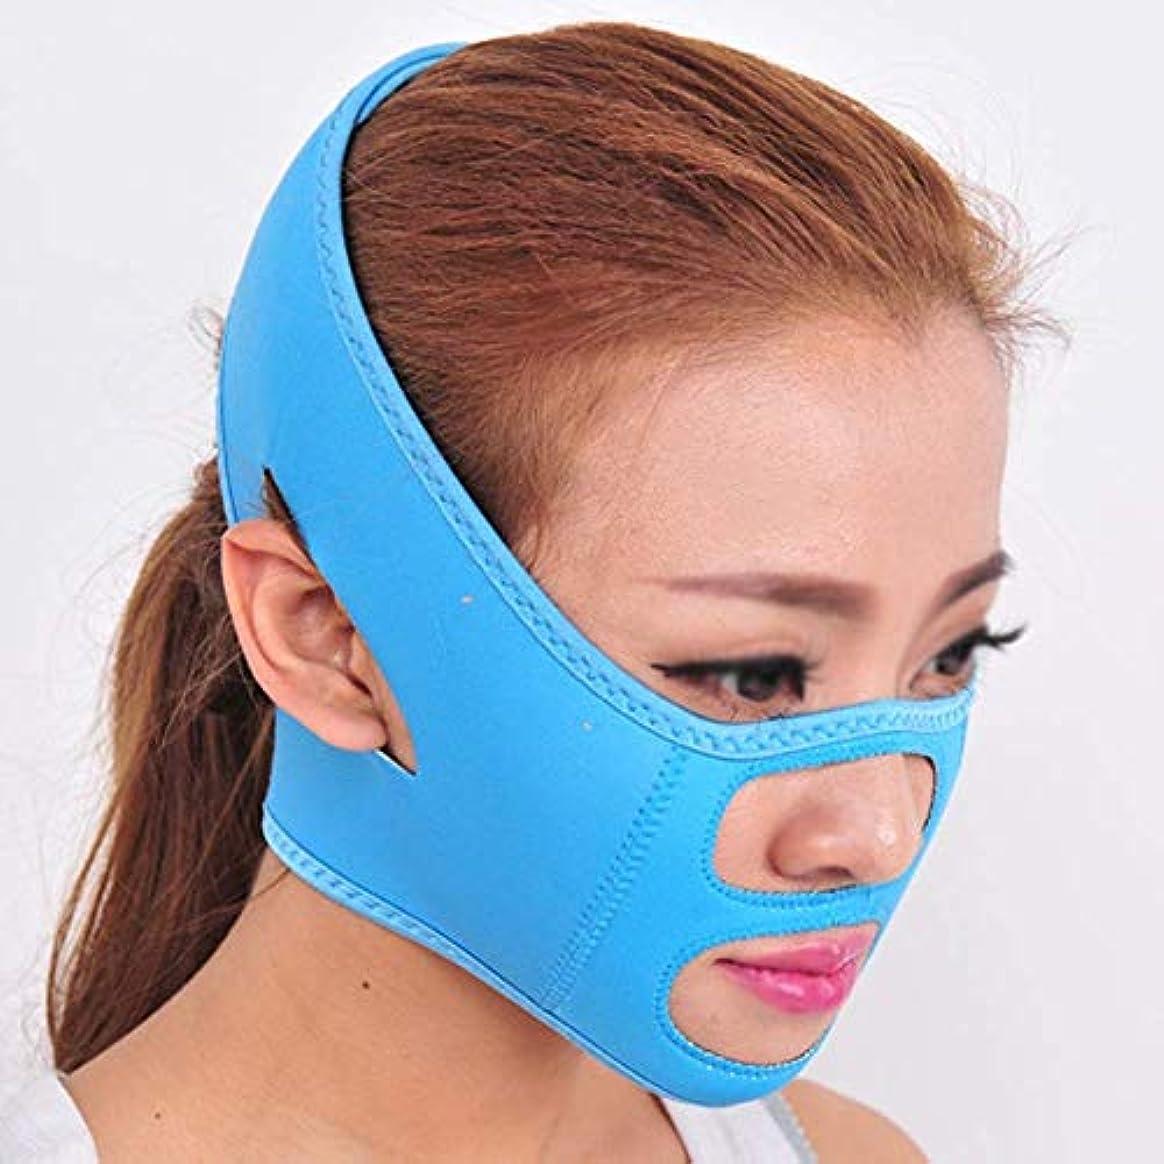 電気化粧粘着性チンストラップ、フェイスリフティングマスク、ダブルチン、フェイスリフティングに最適、リフティングフェイシャルスキン、フェイシャル減量マスク、フェイスリフティングベルト(フリーサイズ)(カラー:ブルー),青